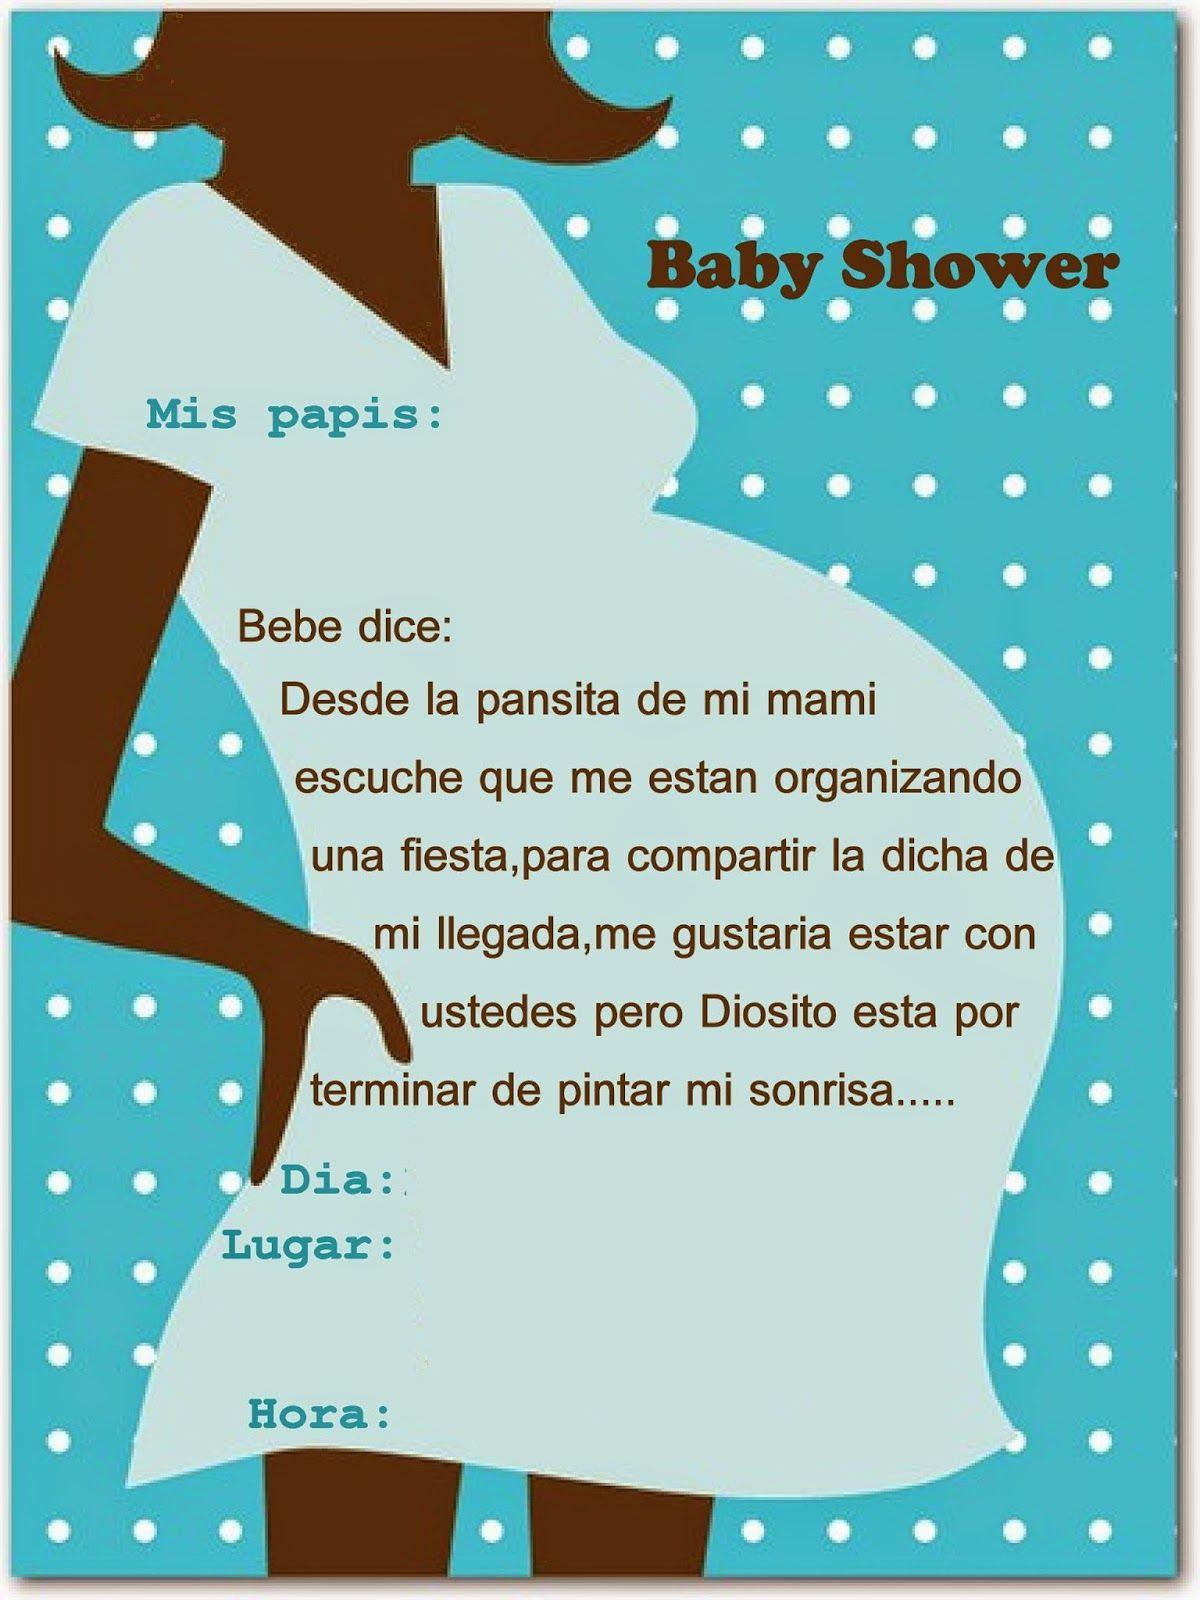 Poemas En Espanol Para Baby Shower Wwwimagenesmycom